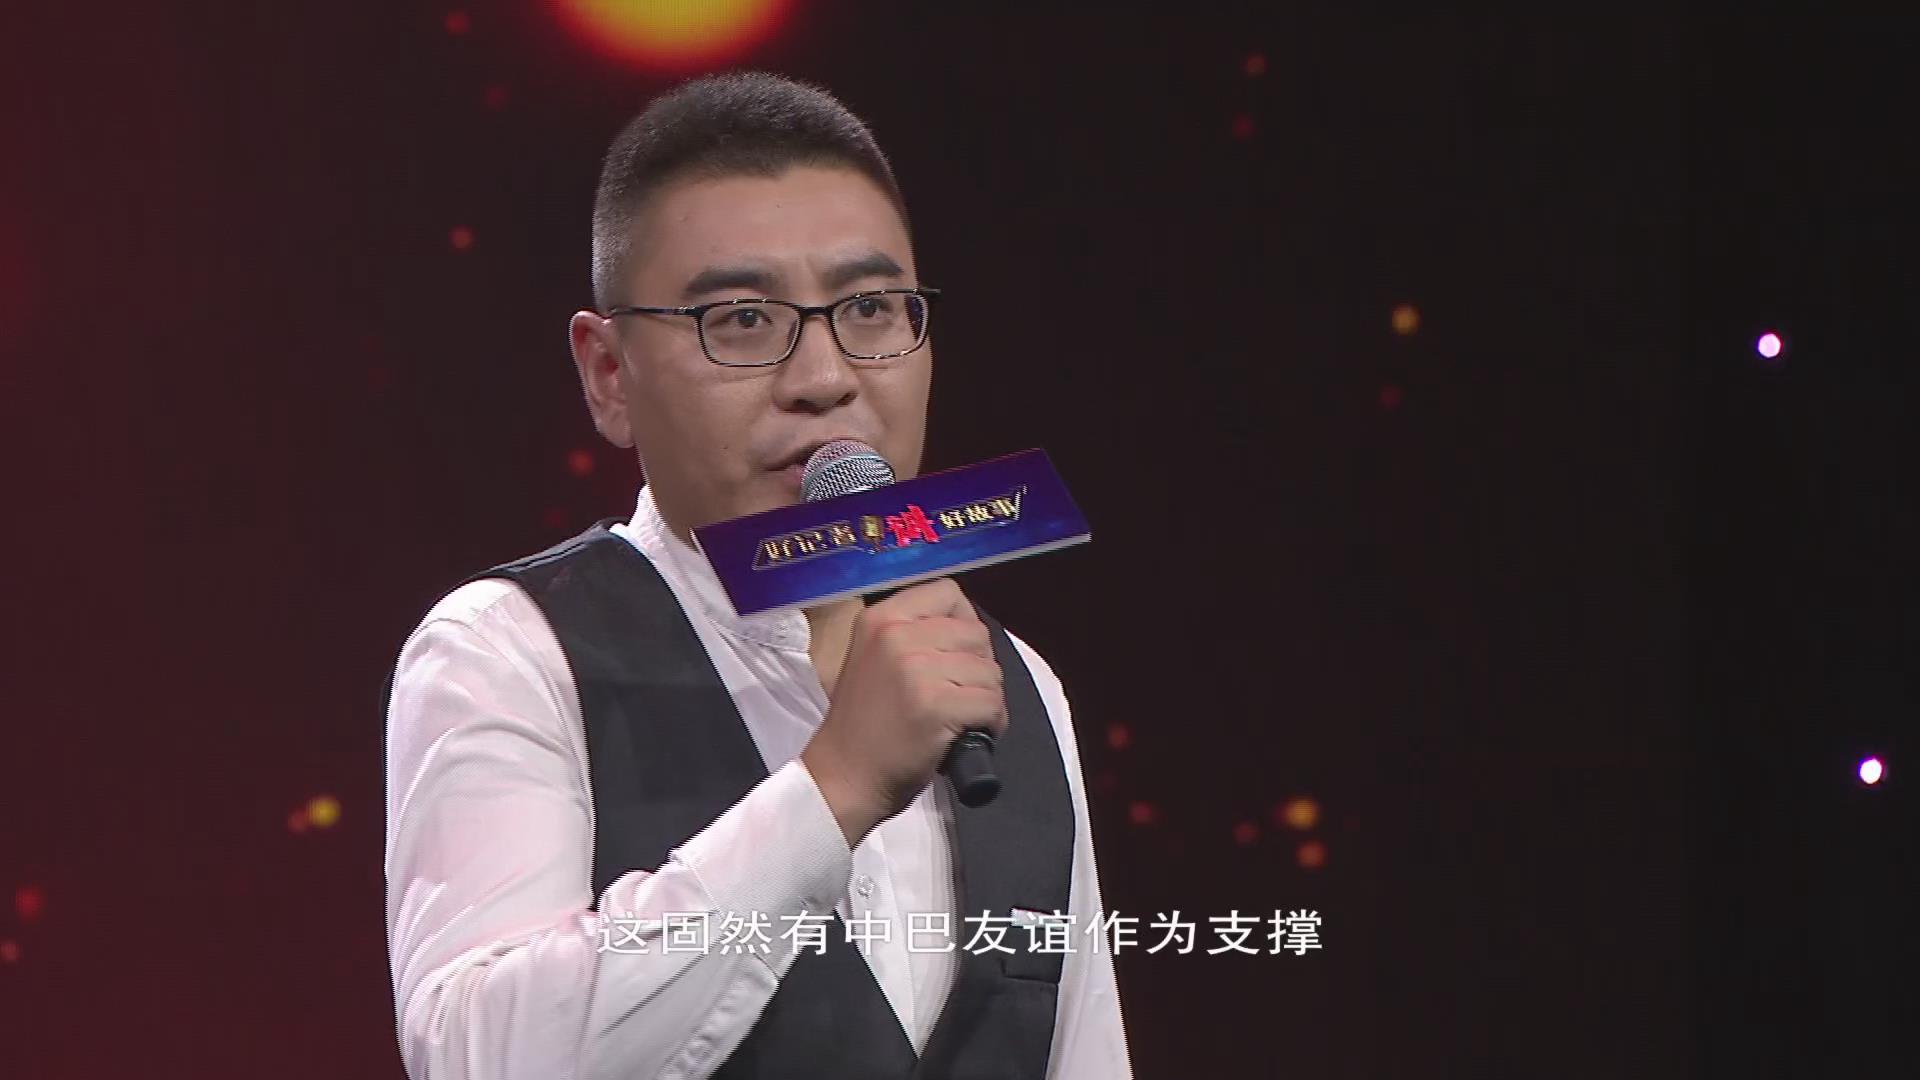 郭鹏飞——《一带一路上的临沂故事》